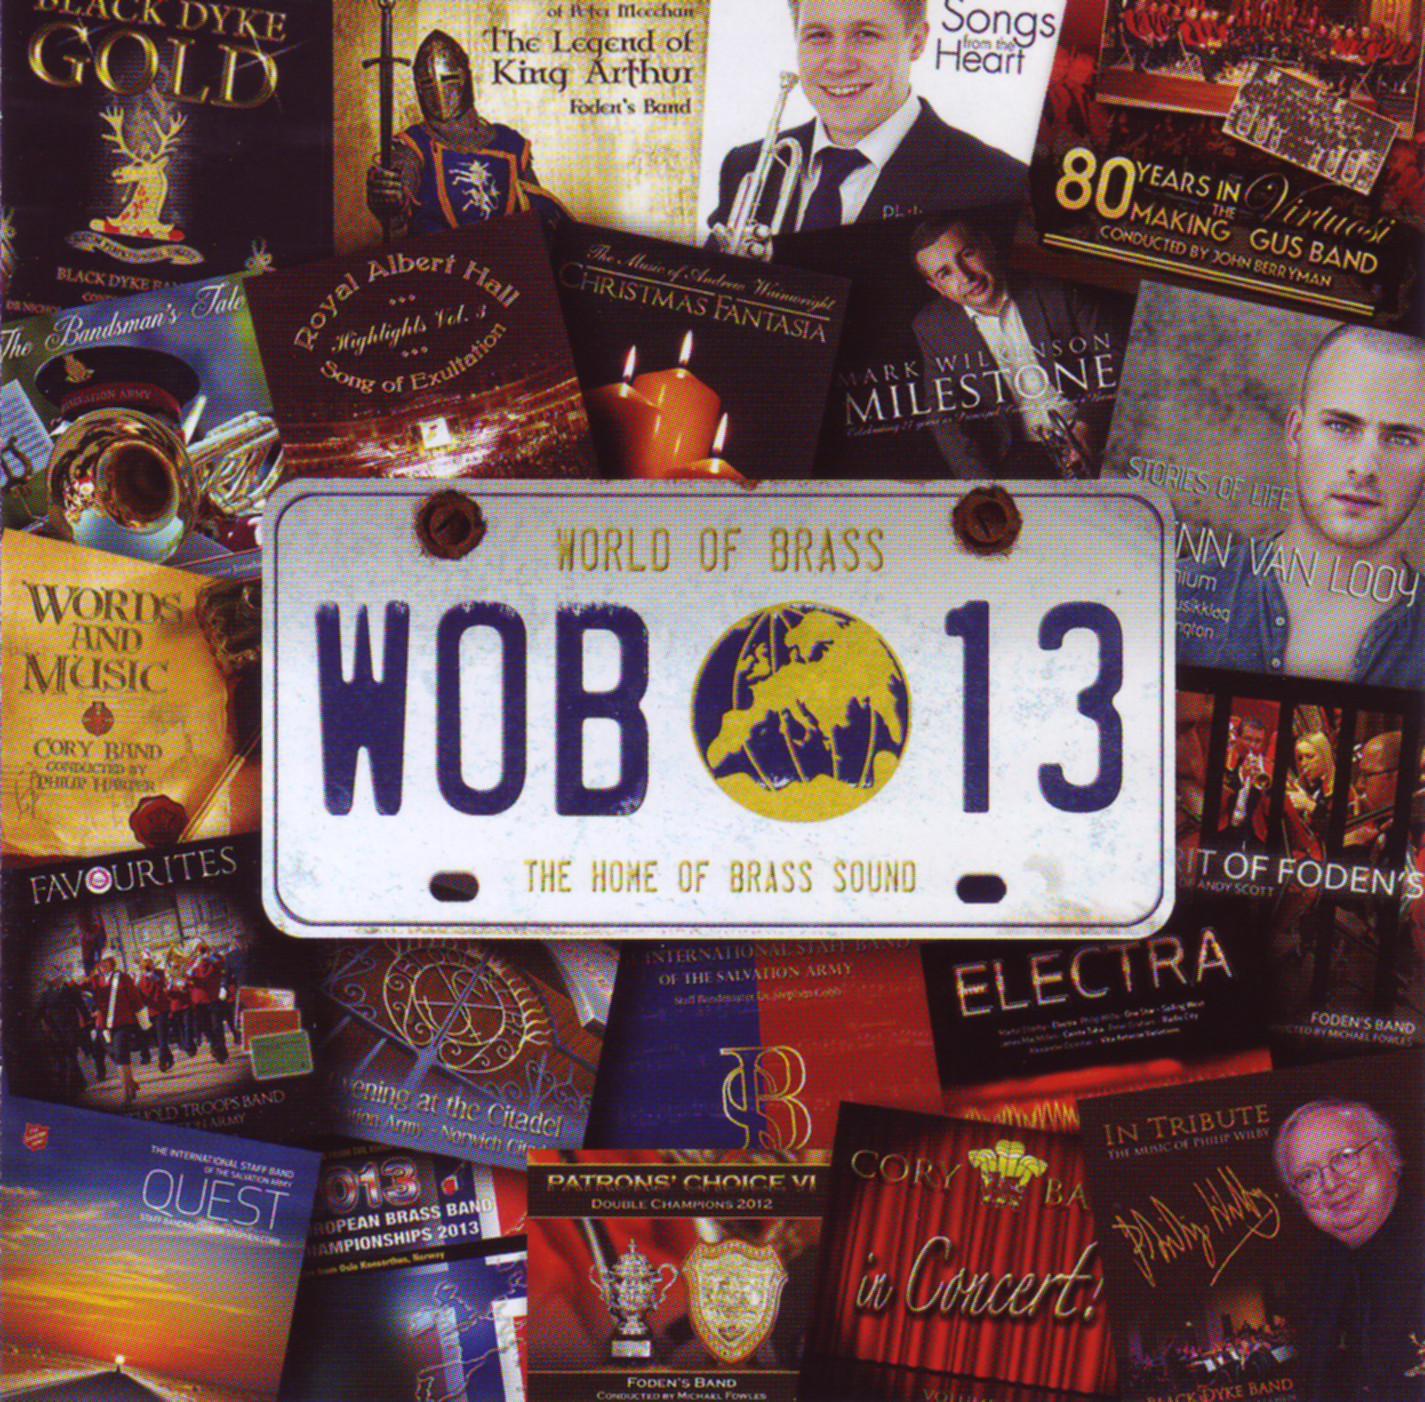 WOB 13